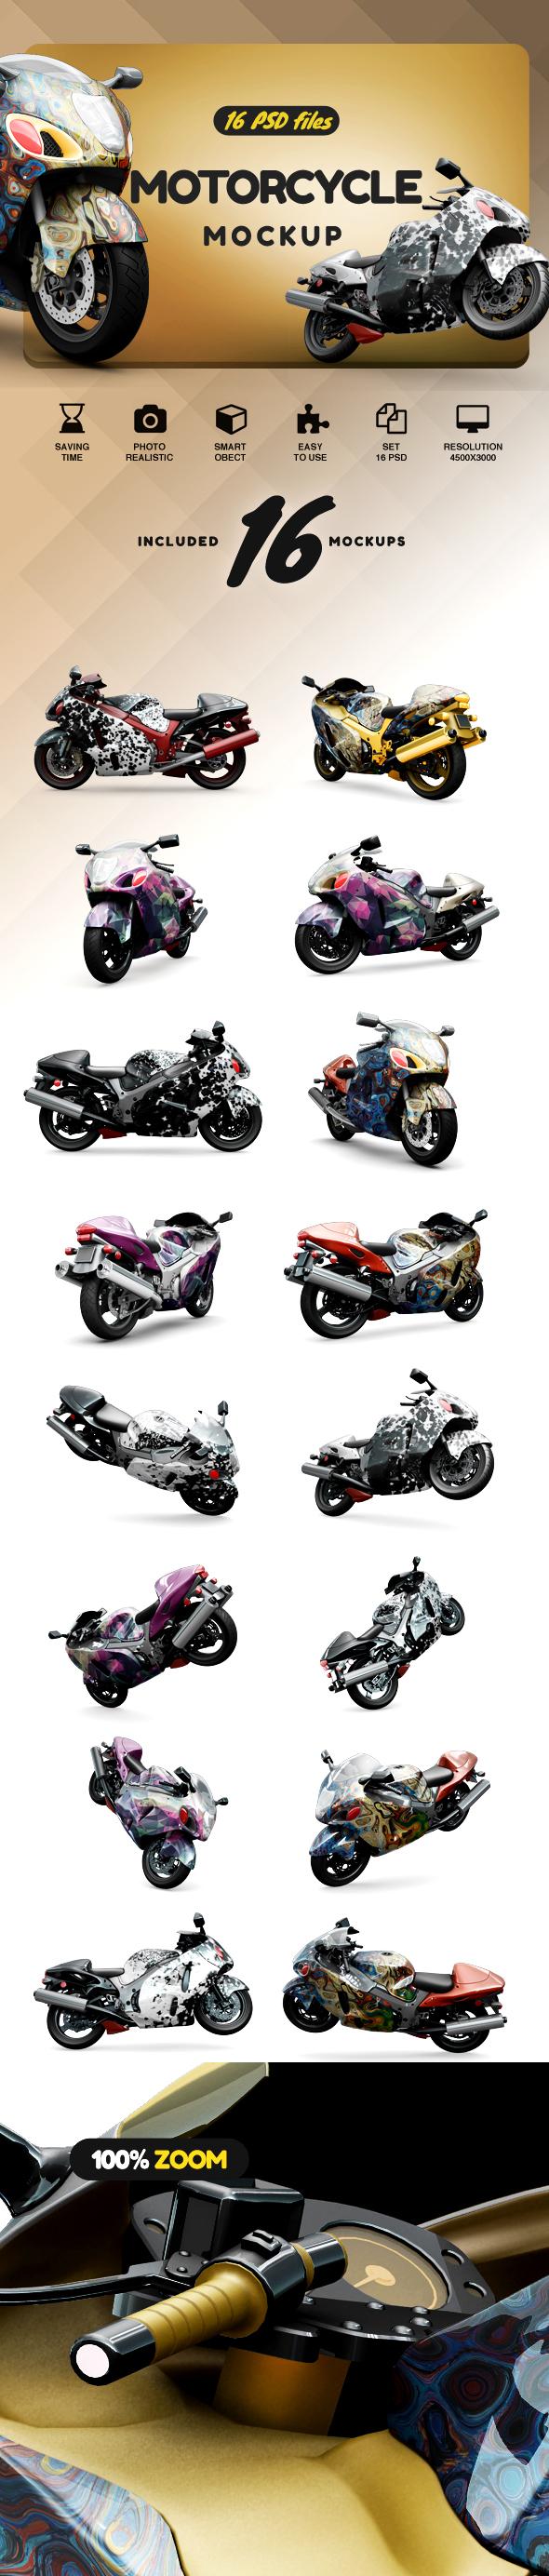 Motorcycle Mockup example image 2